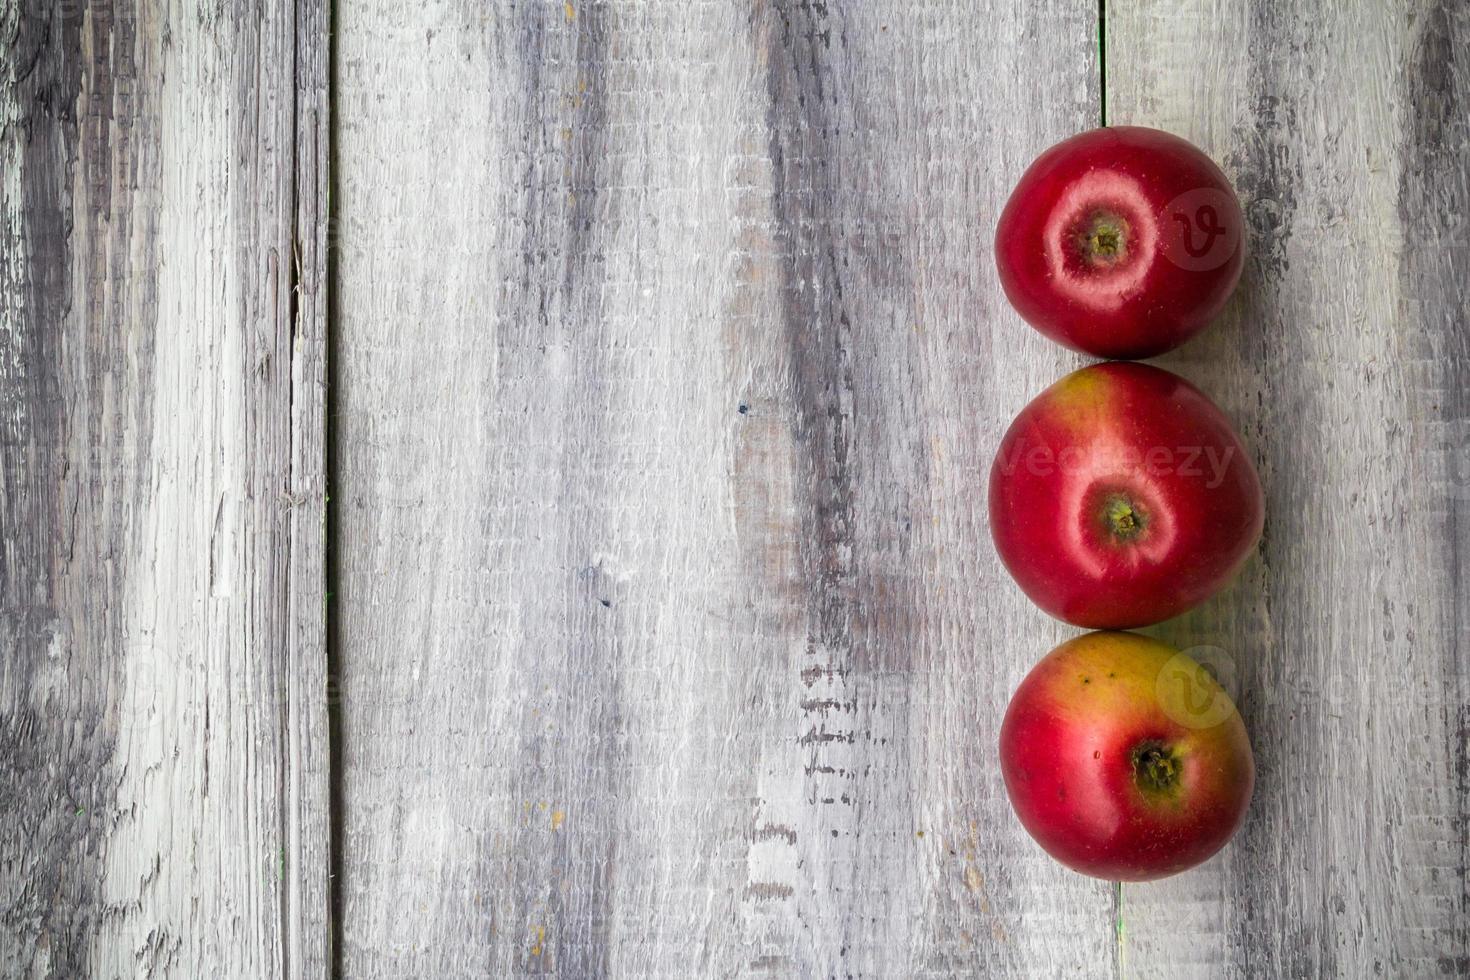 frutas fundo vintage madeira outono alimentos natureza foto